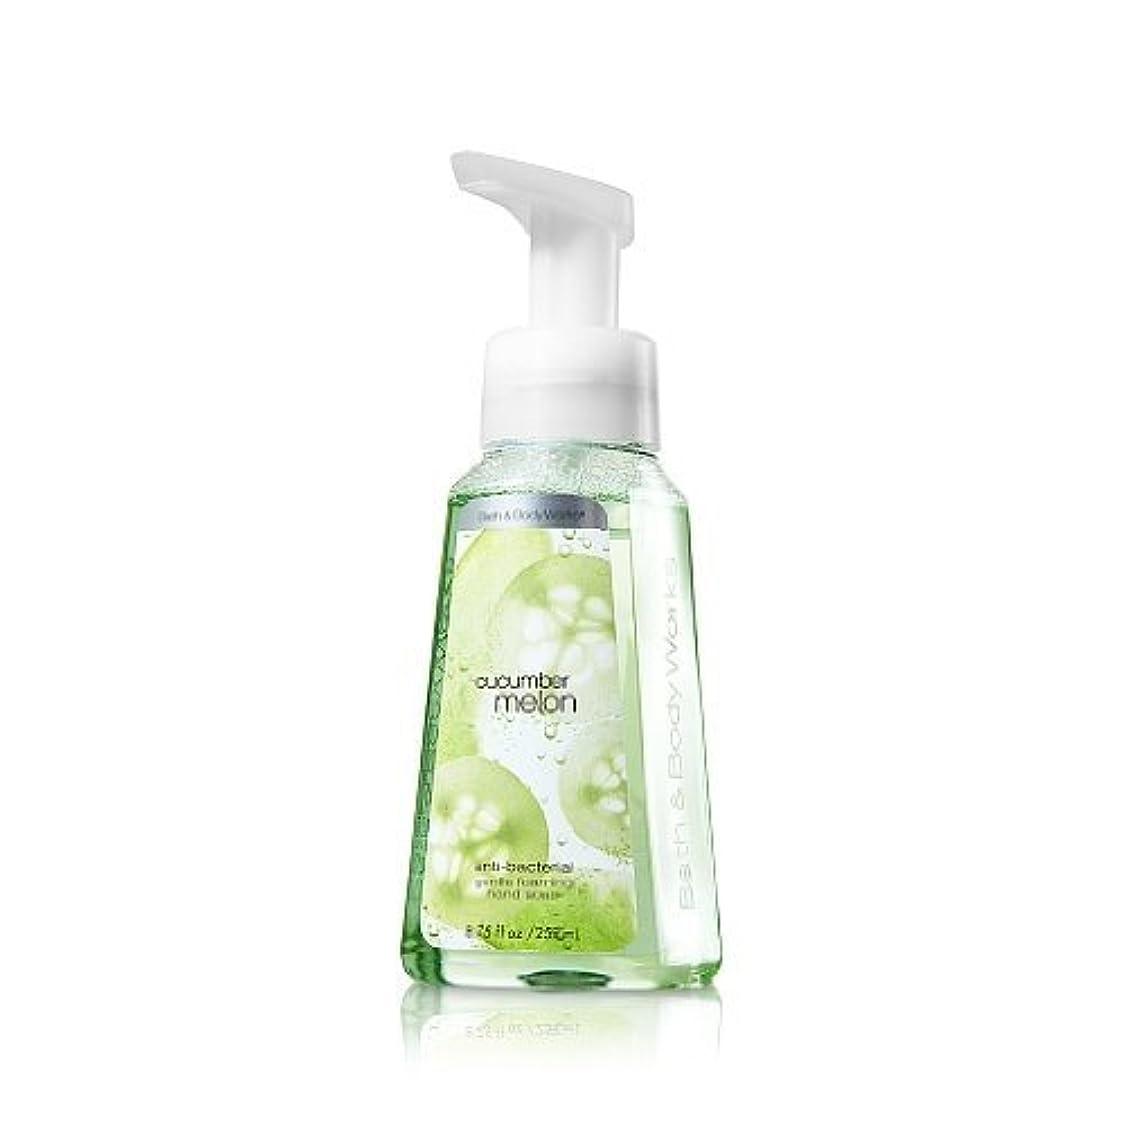 アナログブレス専門化するバス&ボディワークス キューカンバーメロン ジェントル フォーミング ハンドソープ Cucumber Melon Gentle Foaming Hand Soap [海外直送品]